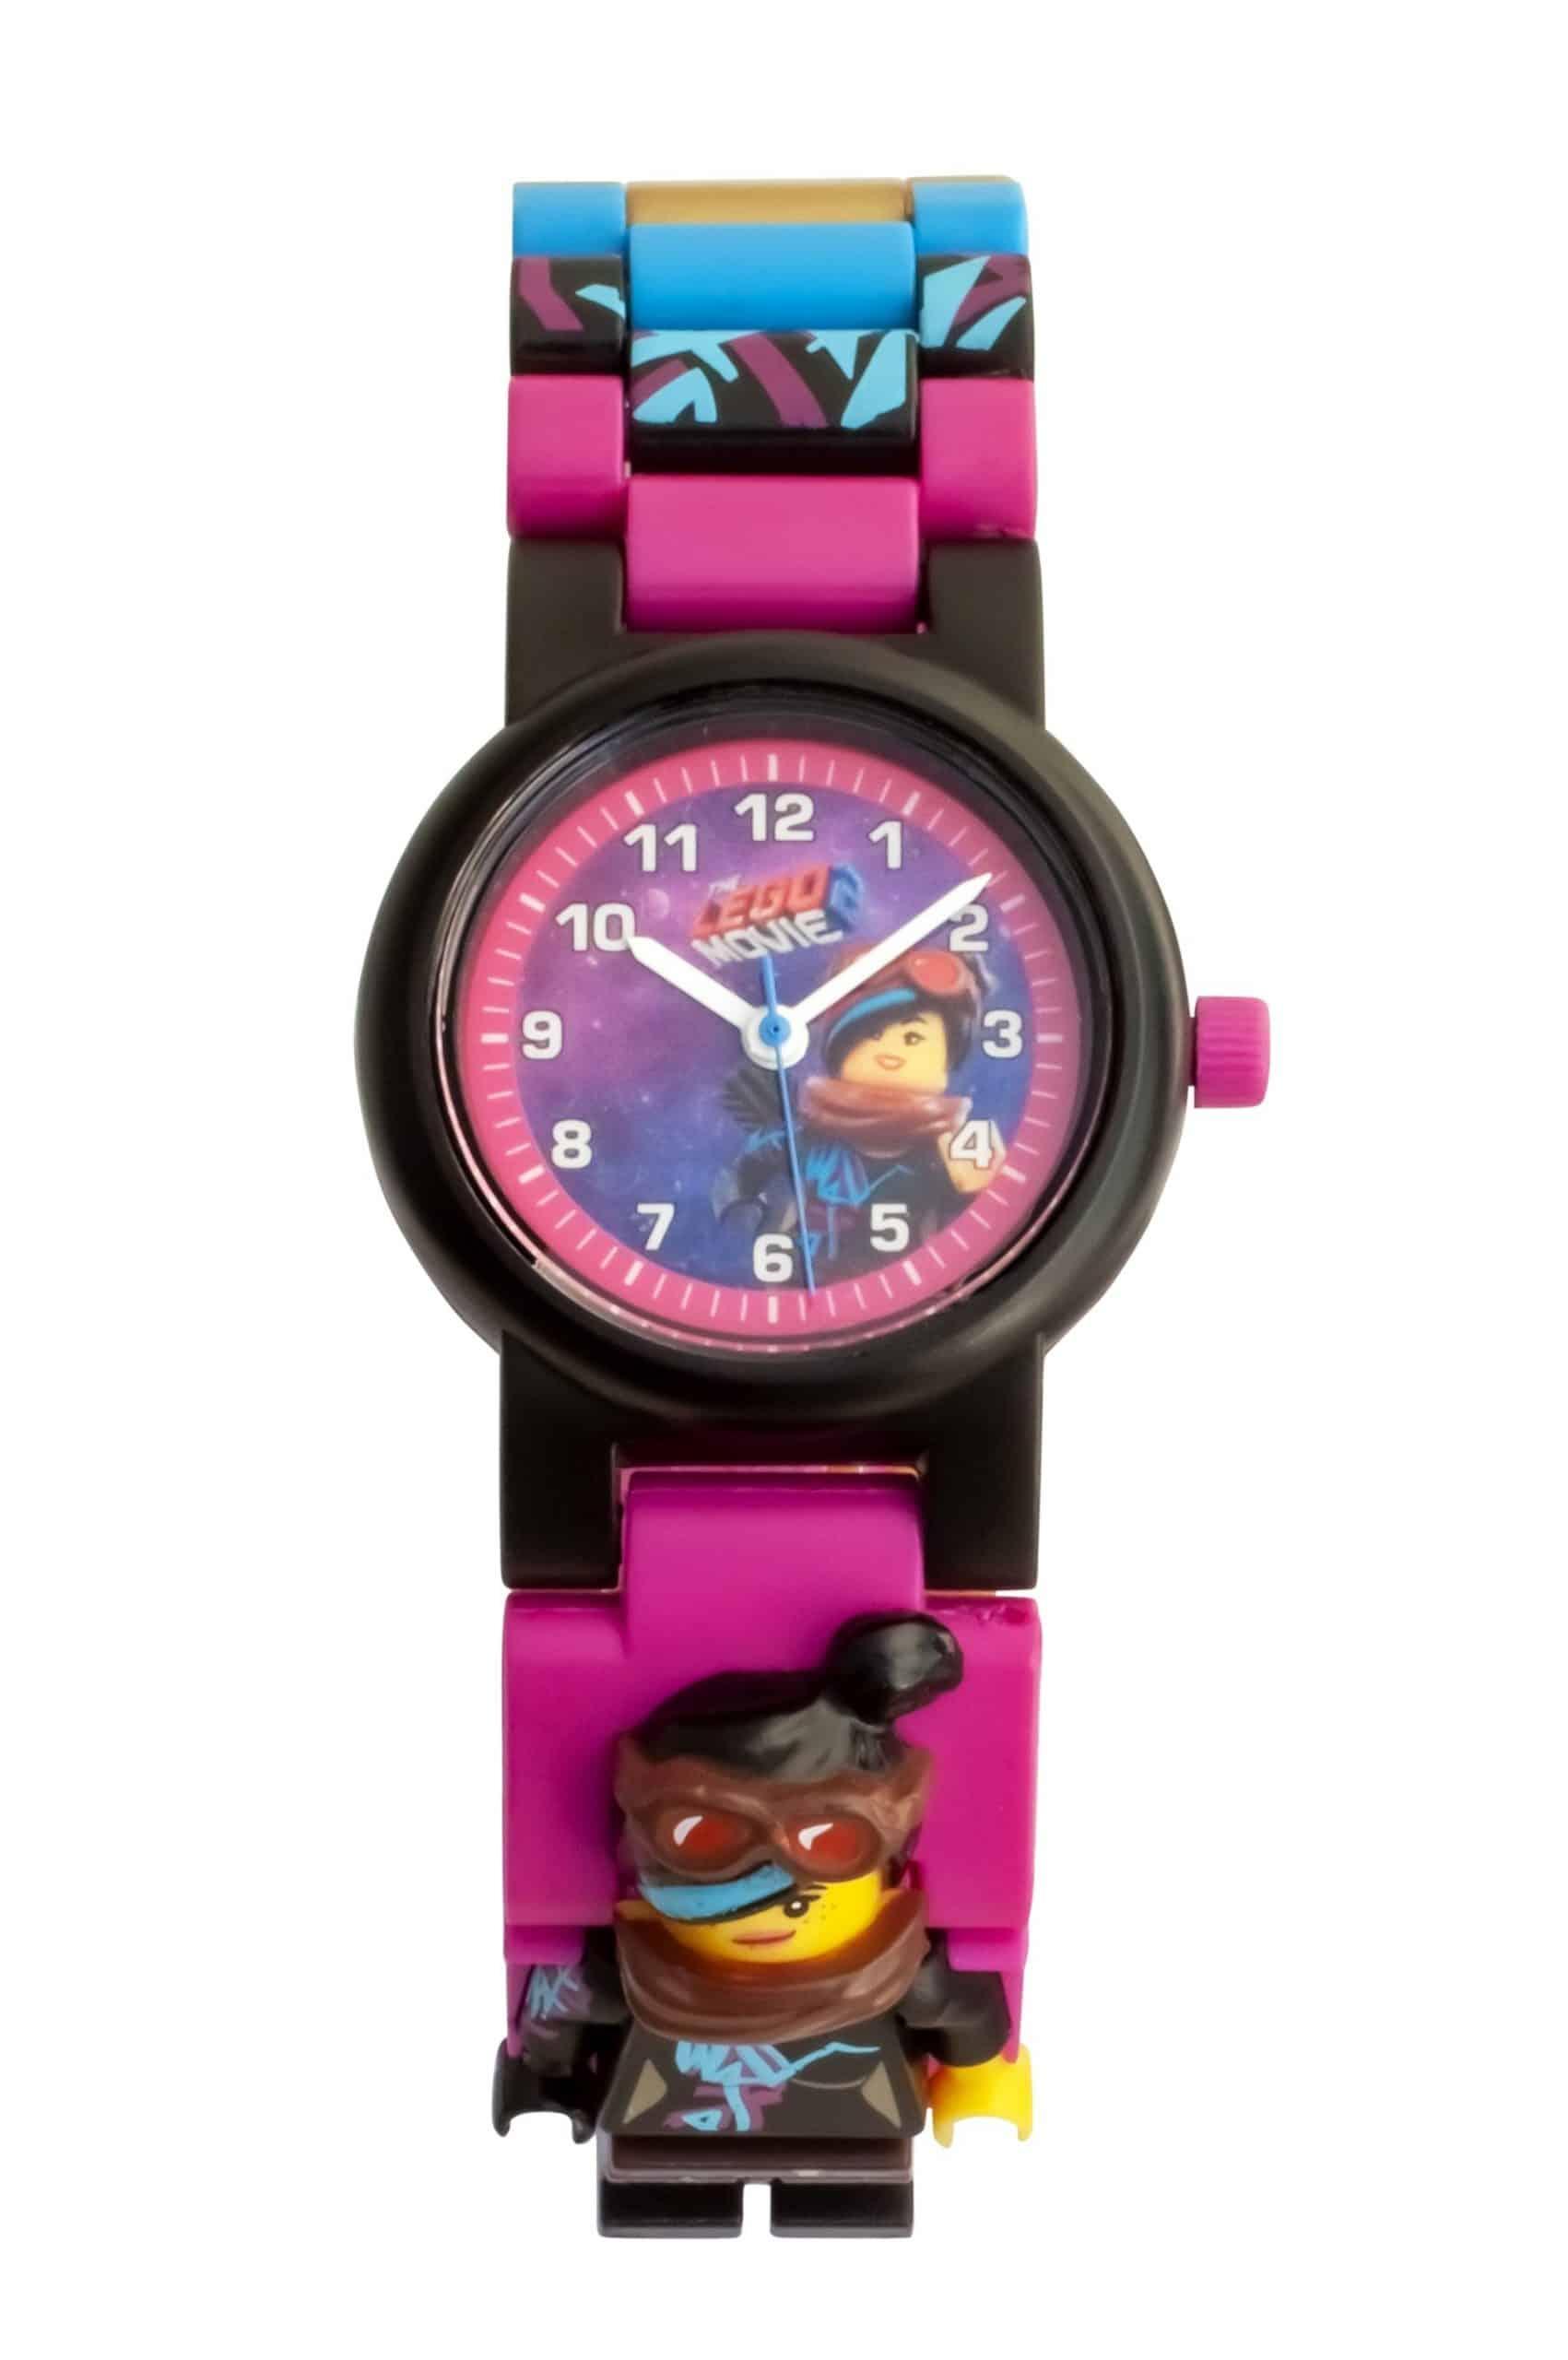 lego 5005703 movie 2 graffititosen armbandsur med minifigurled scaled